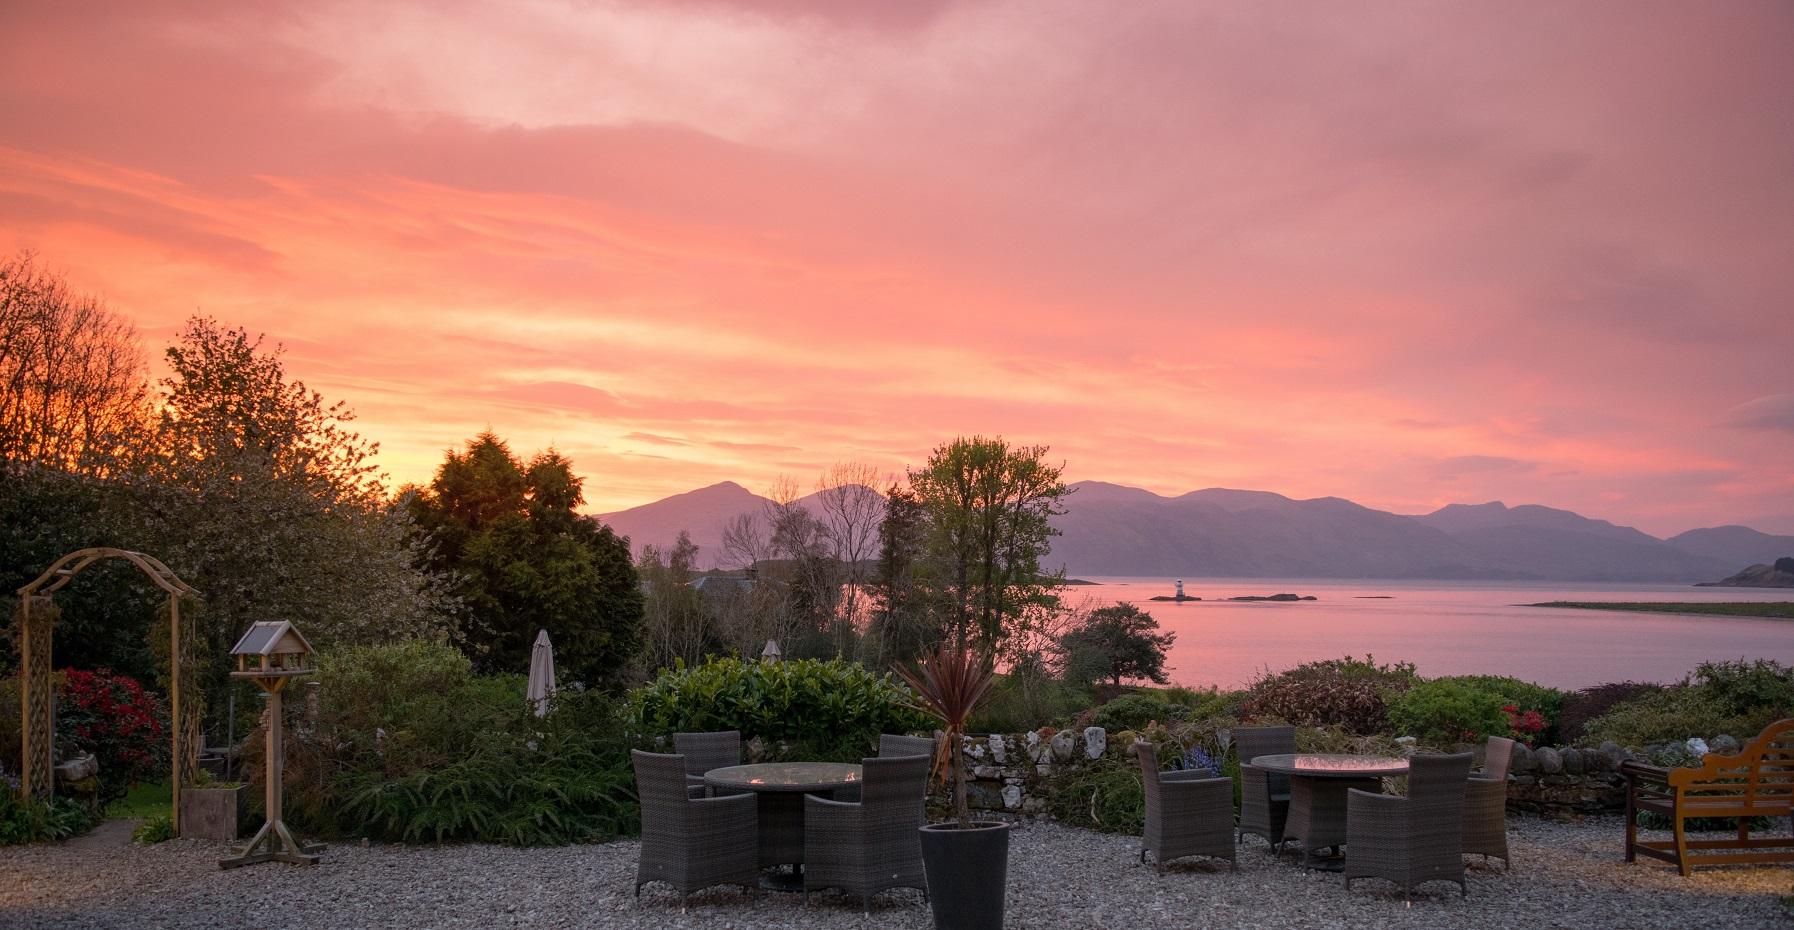 Airds terrace & loch pink sunset.jpg